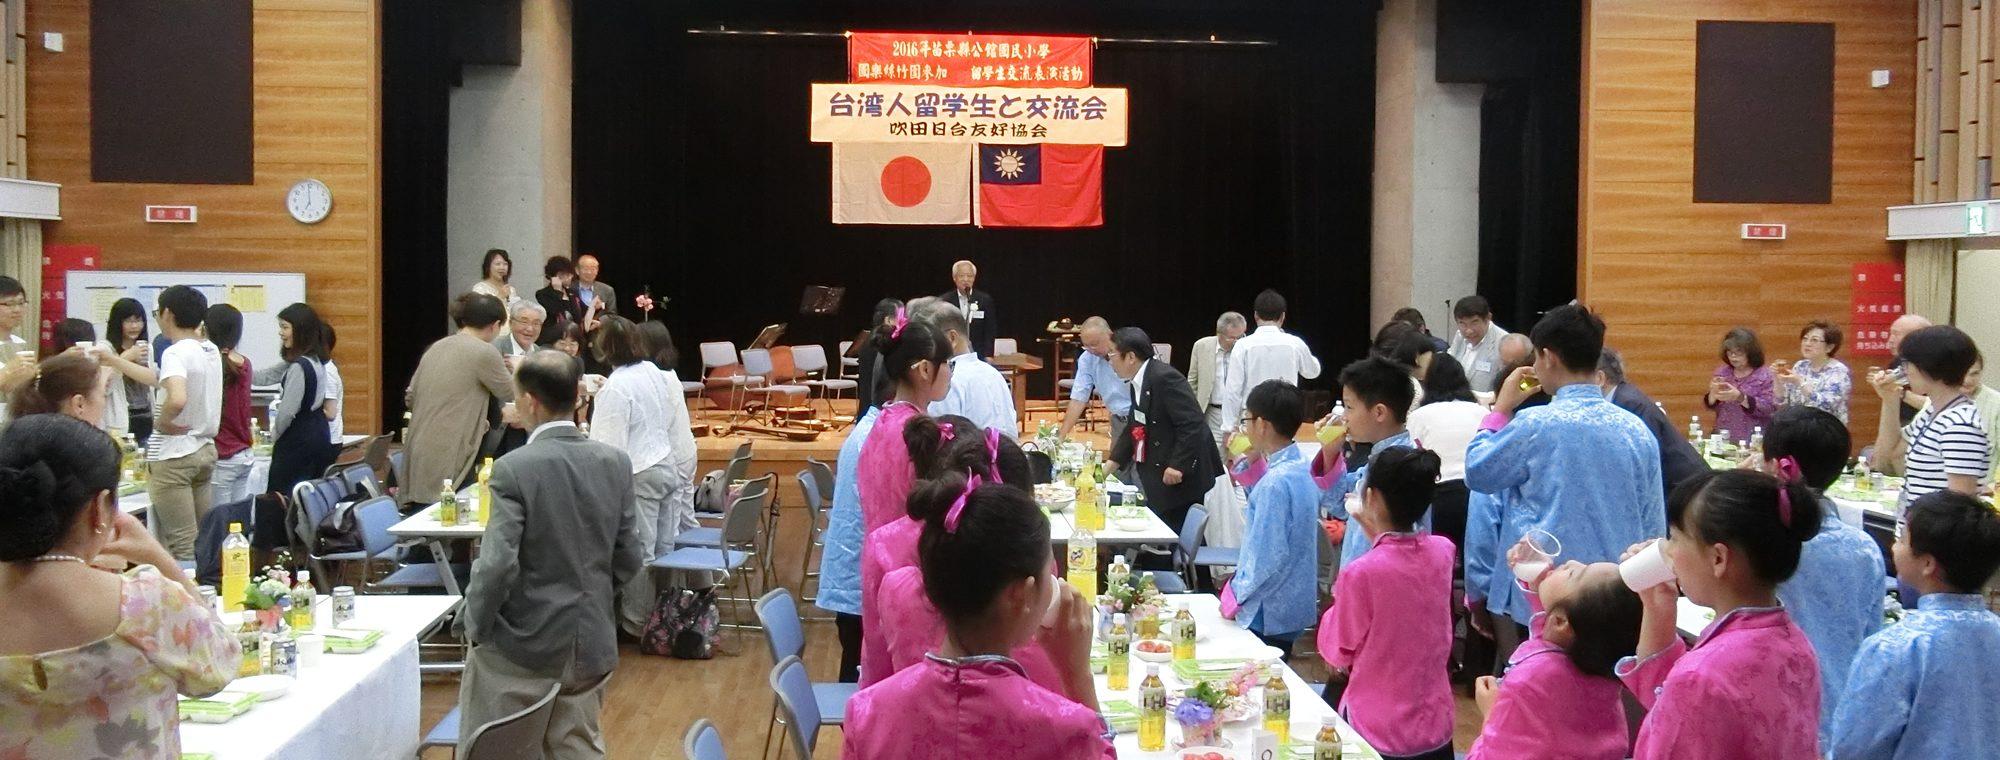 台湾人留学生と交流会